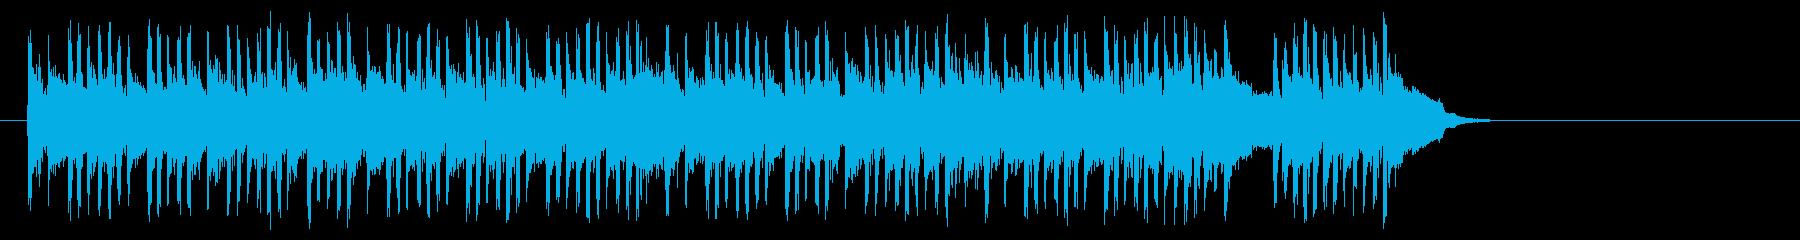 テンポの良いポップ(サビ~イントロ)の再生済みの波形